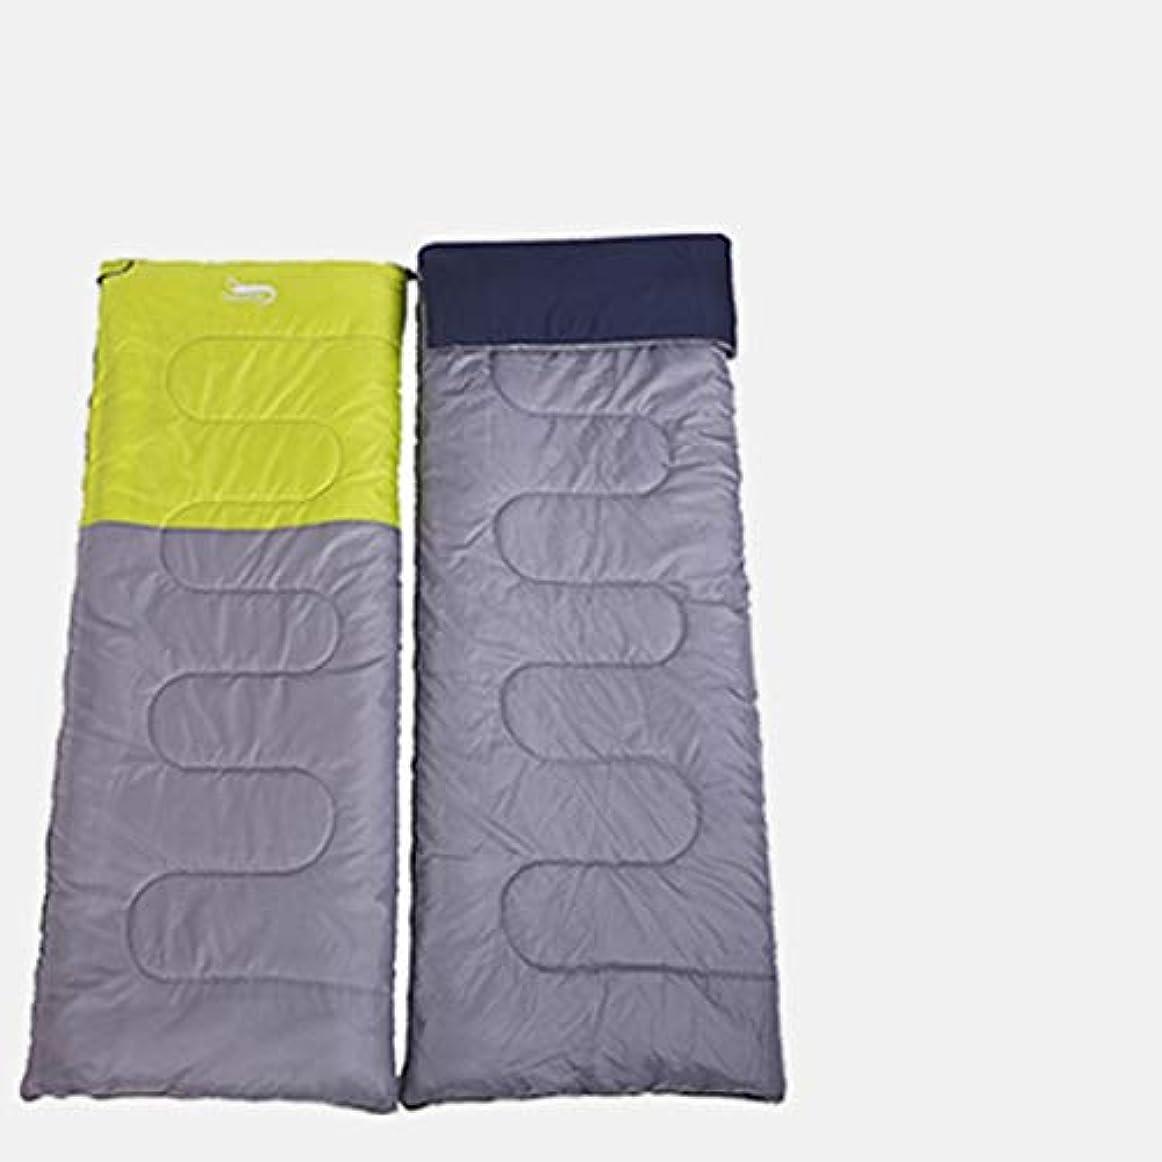 炭素発音警戒YIJUPIN ツインスリーピングバッグ、ピローアウトドアトラベル4シーズンライナーキャンプコットンワイドと厚い寝袋/ブルー (色 : オレンジ)